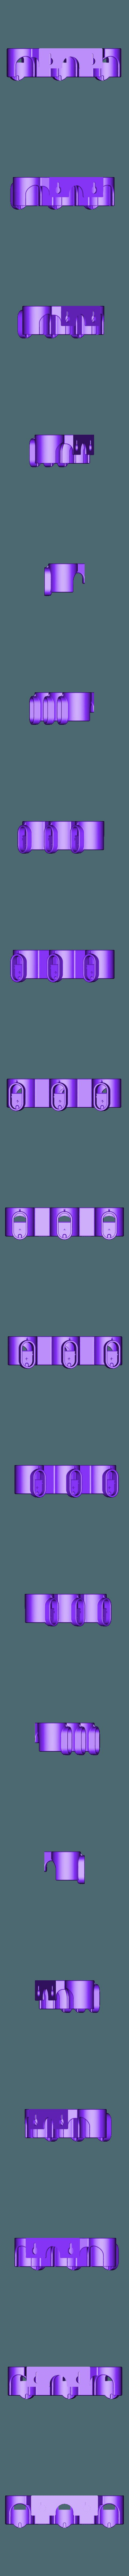 SupportTripleDysonV6.stl Download STL file Triple holder for Dyson V6 accessories • 3D printer design, uhgues